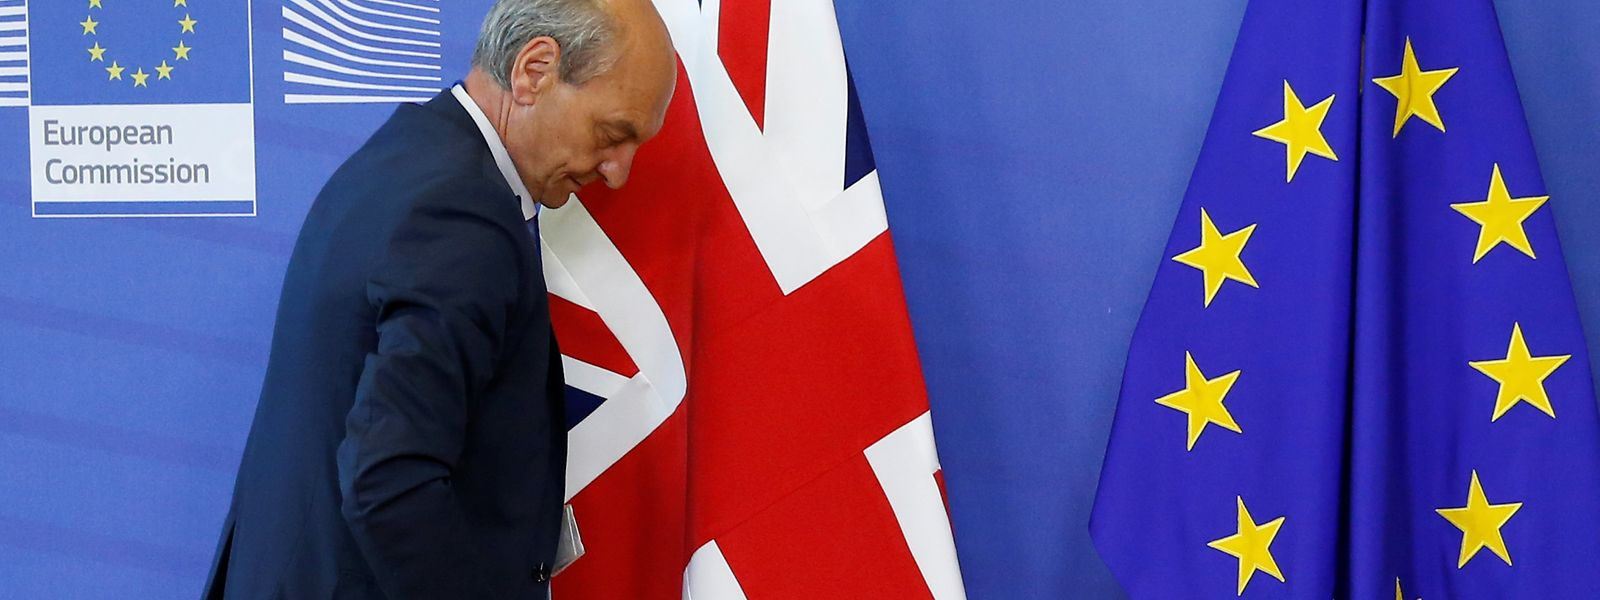 Letzte Vorbereitungen zum Start der Verhandlungen über den EU-Austritt Großbritanniens.